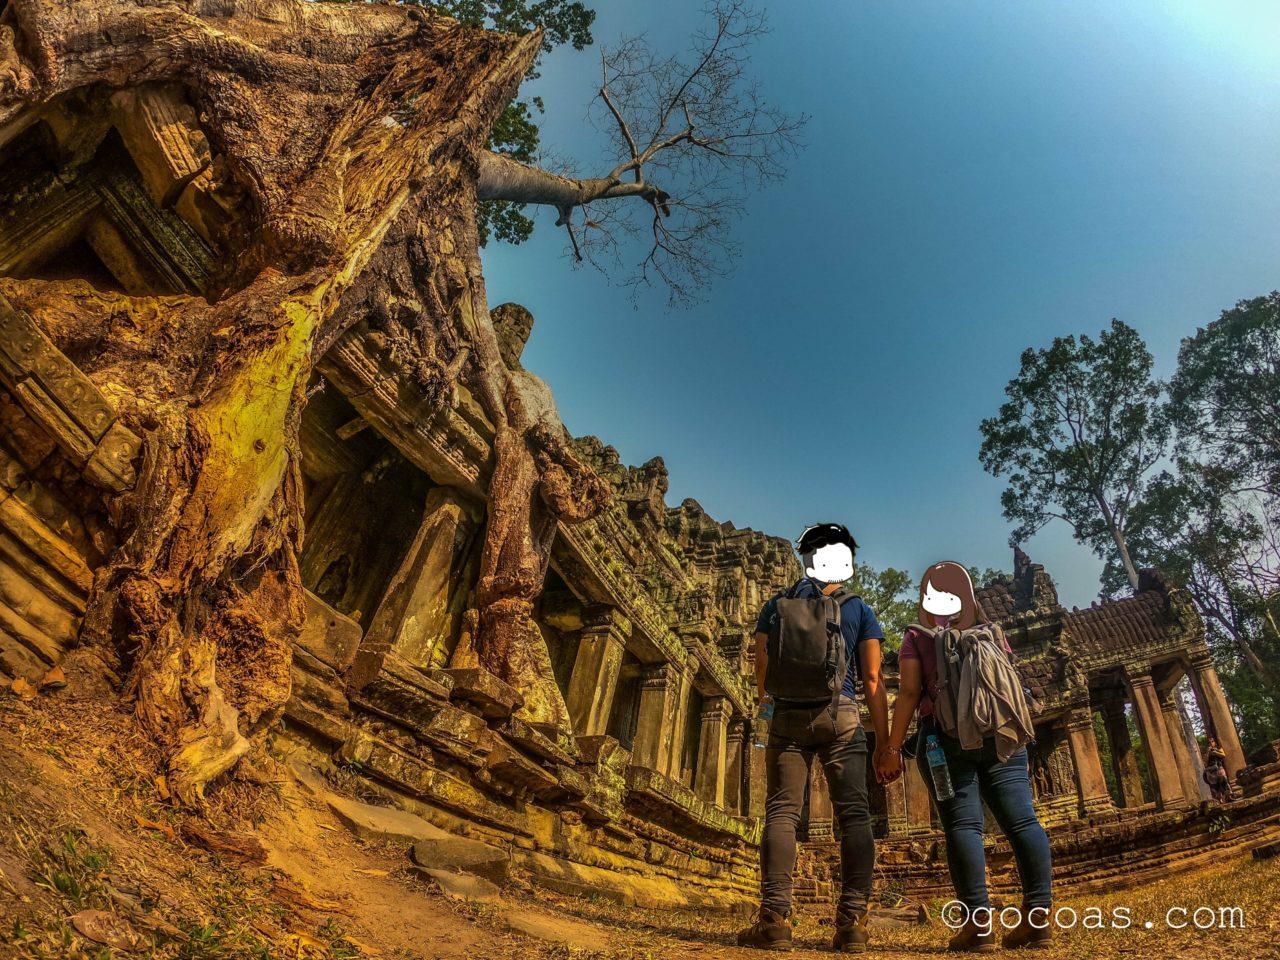 カンボジア遺跡 プリアカン